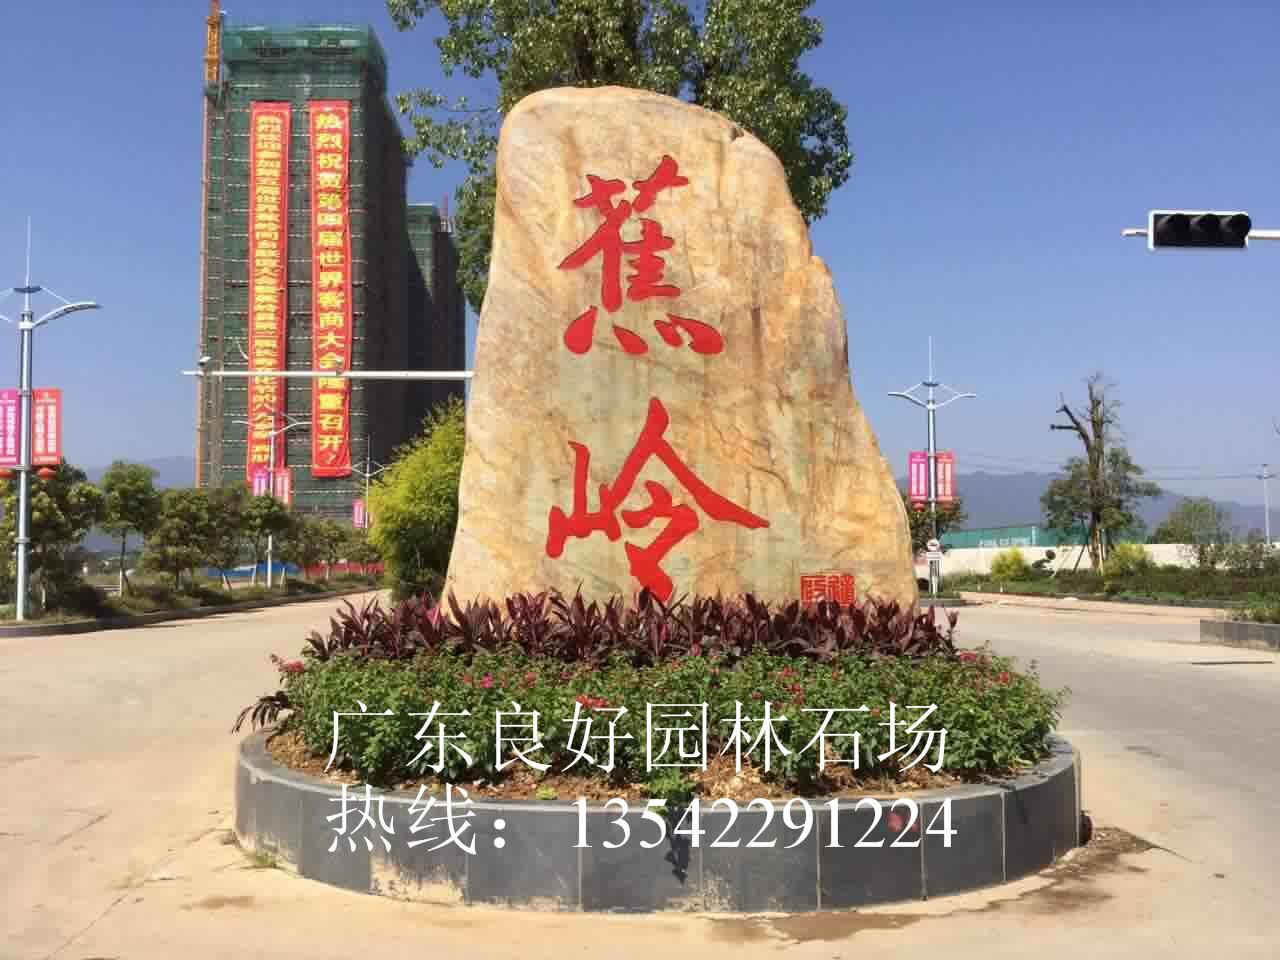 大型刻字石 大学门牌黄蜡石 景观石 校园文化石